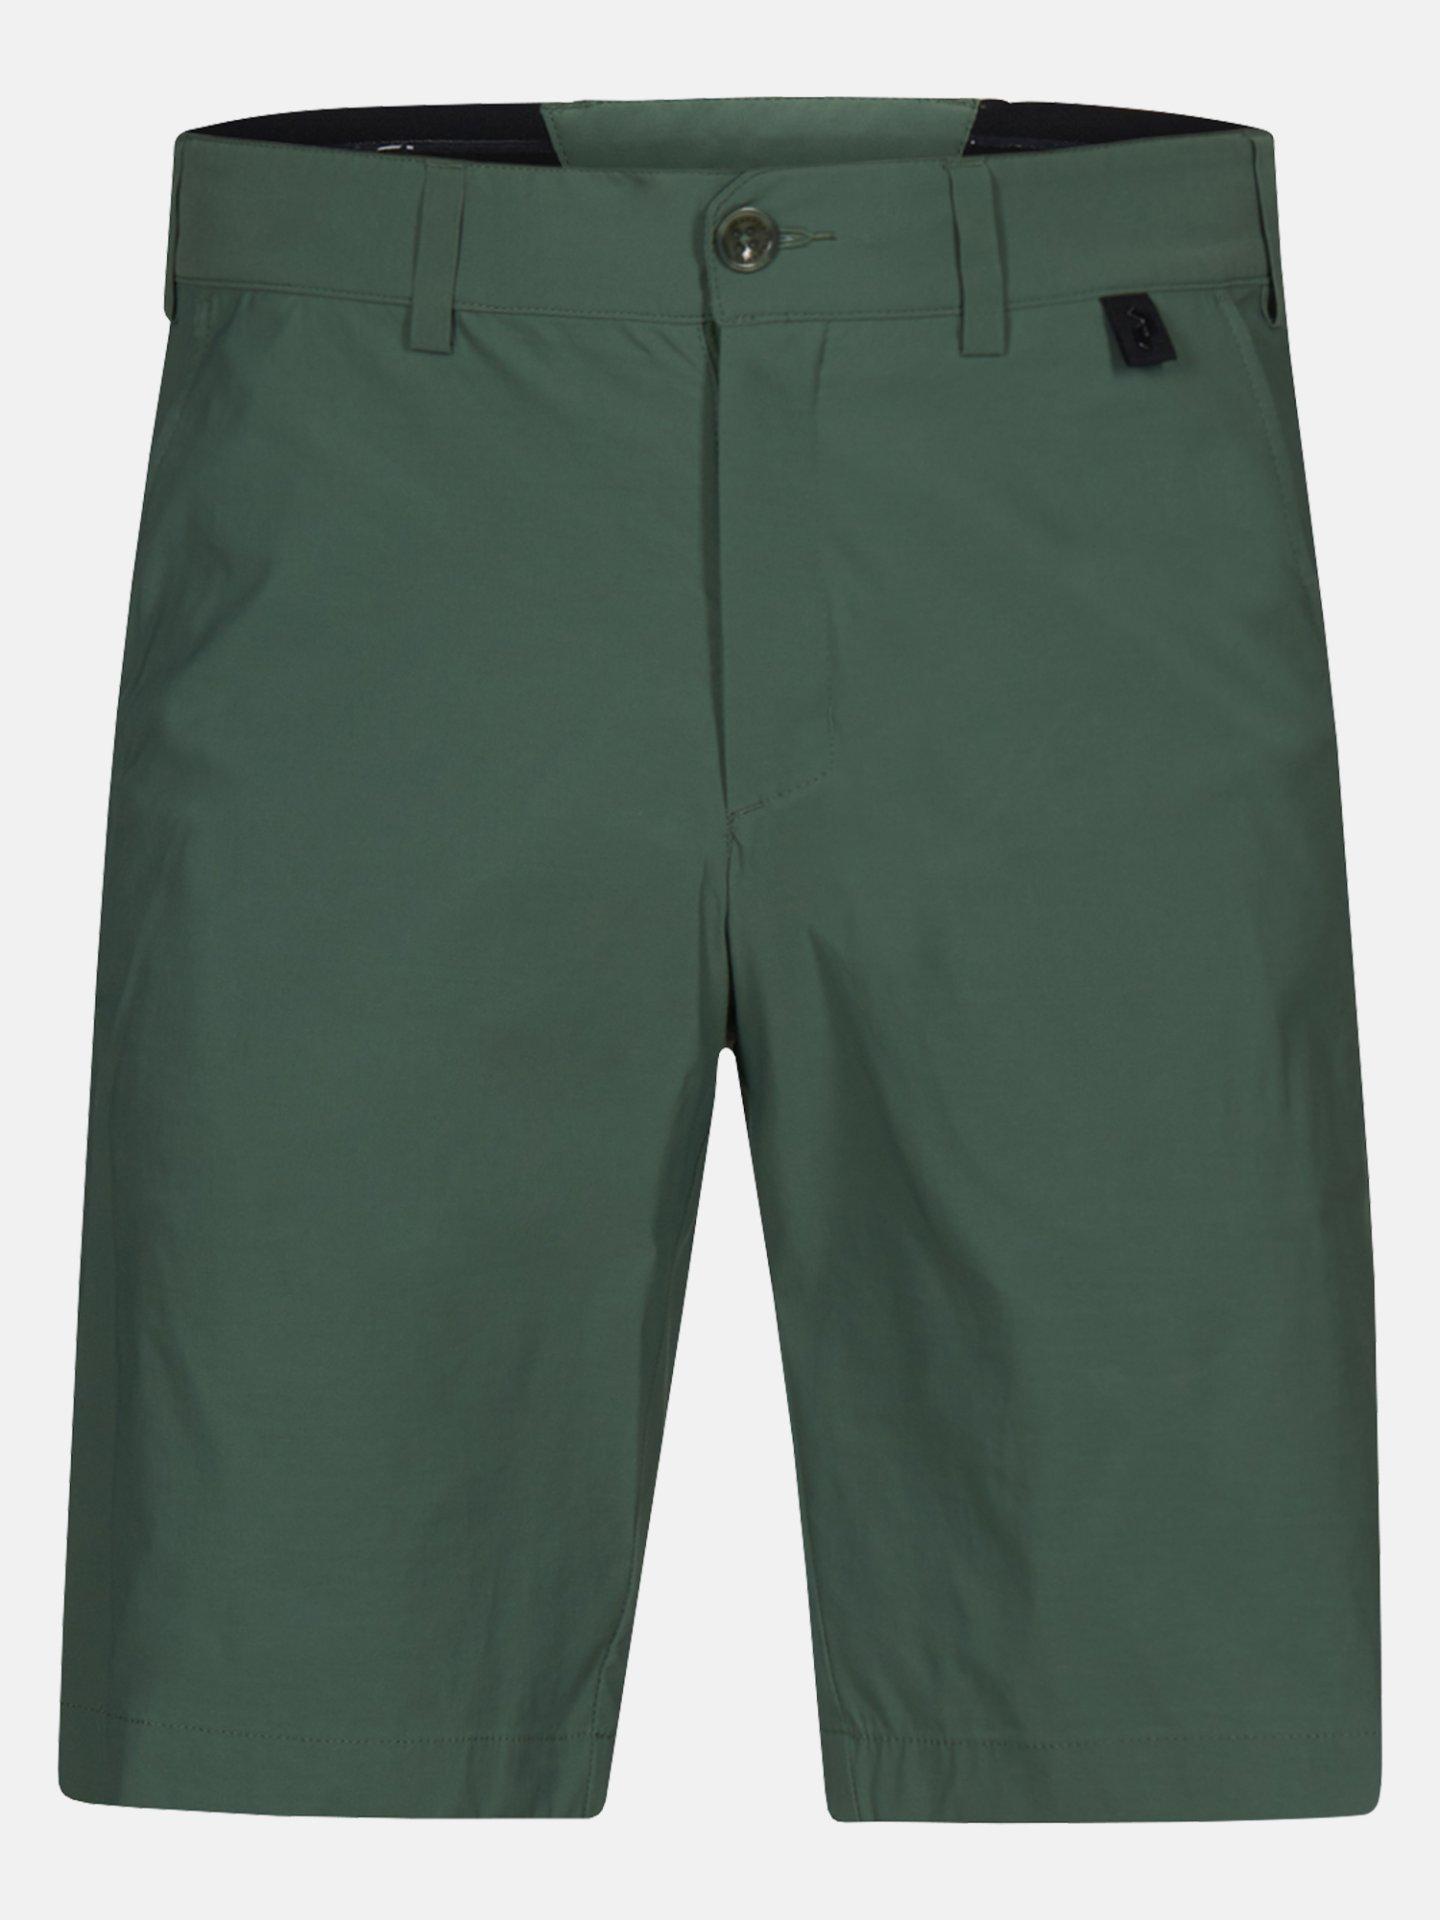 Golfshorts Peak Performance Player shorts Navy